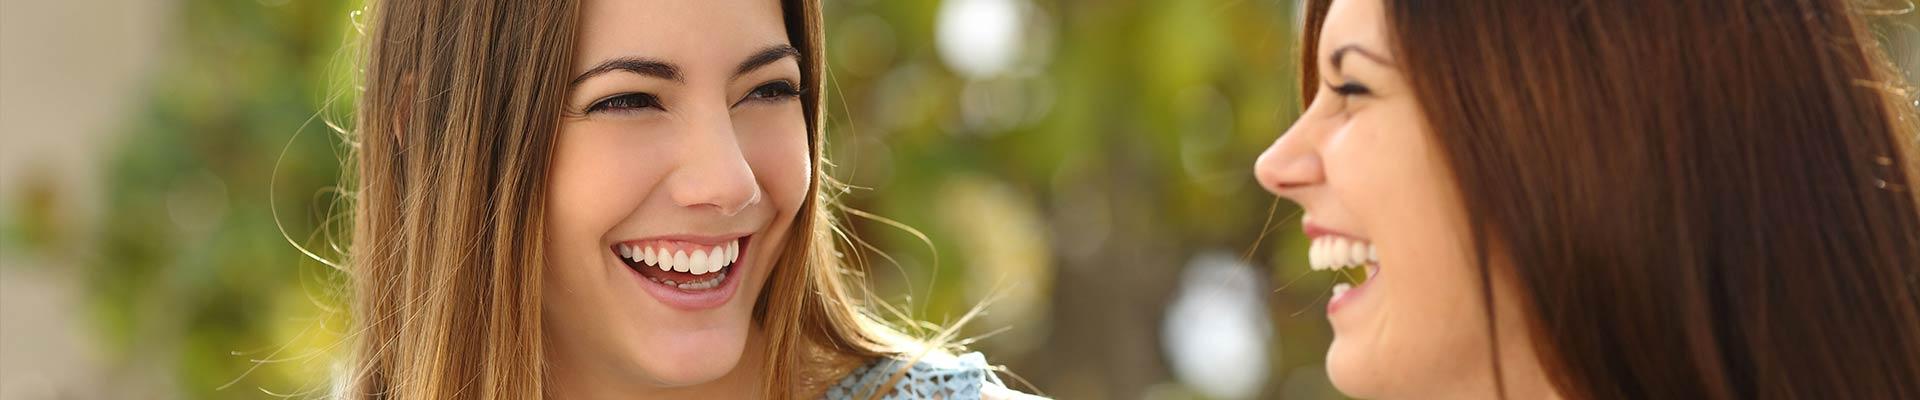 Woman with smiles Cherre Orthodontics Ellisville MO